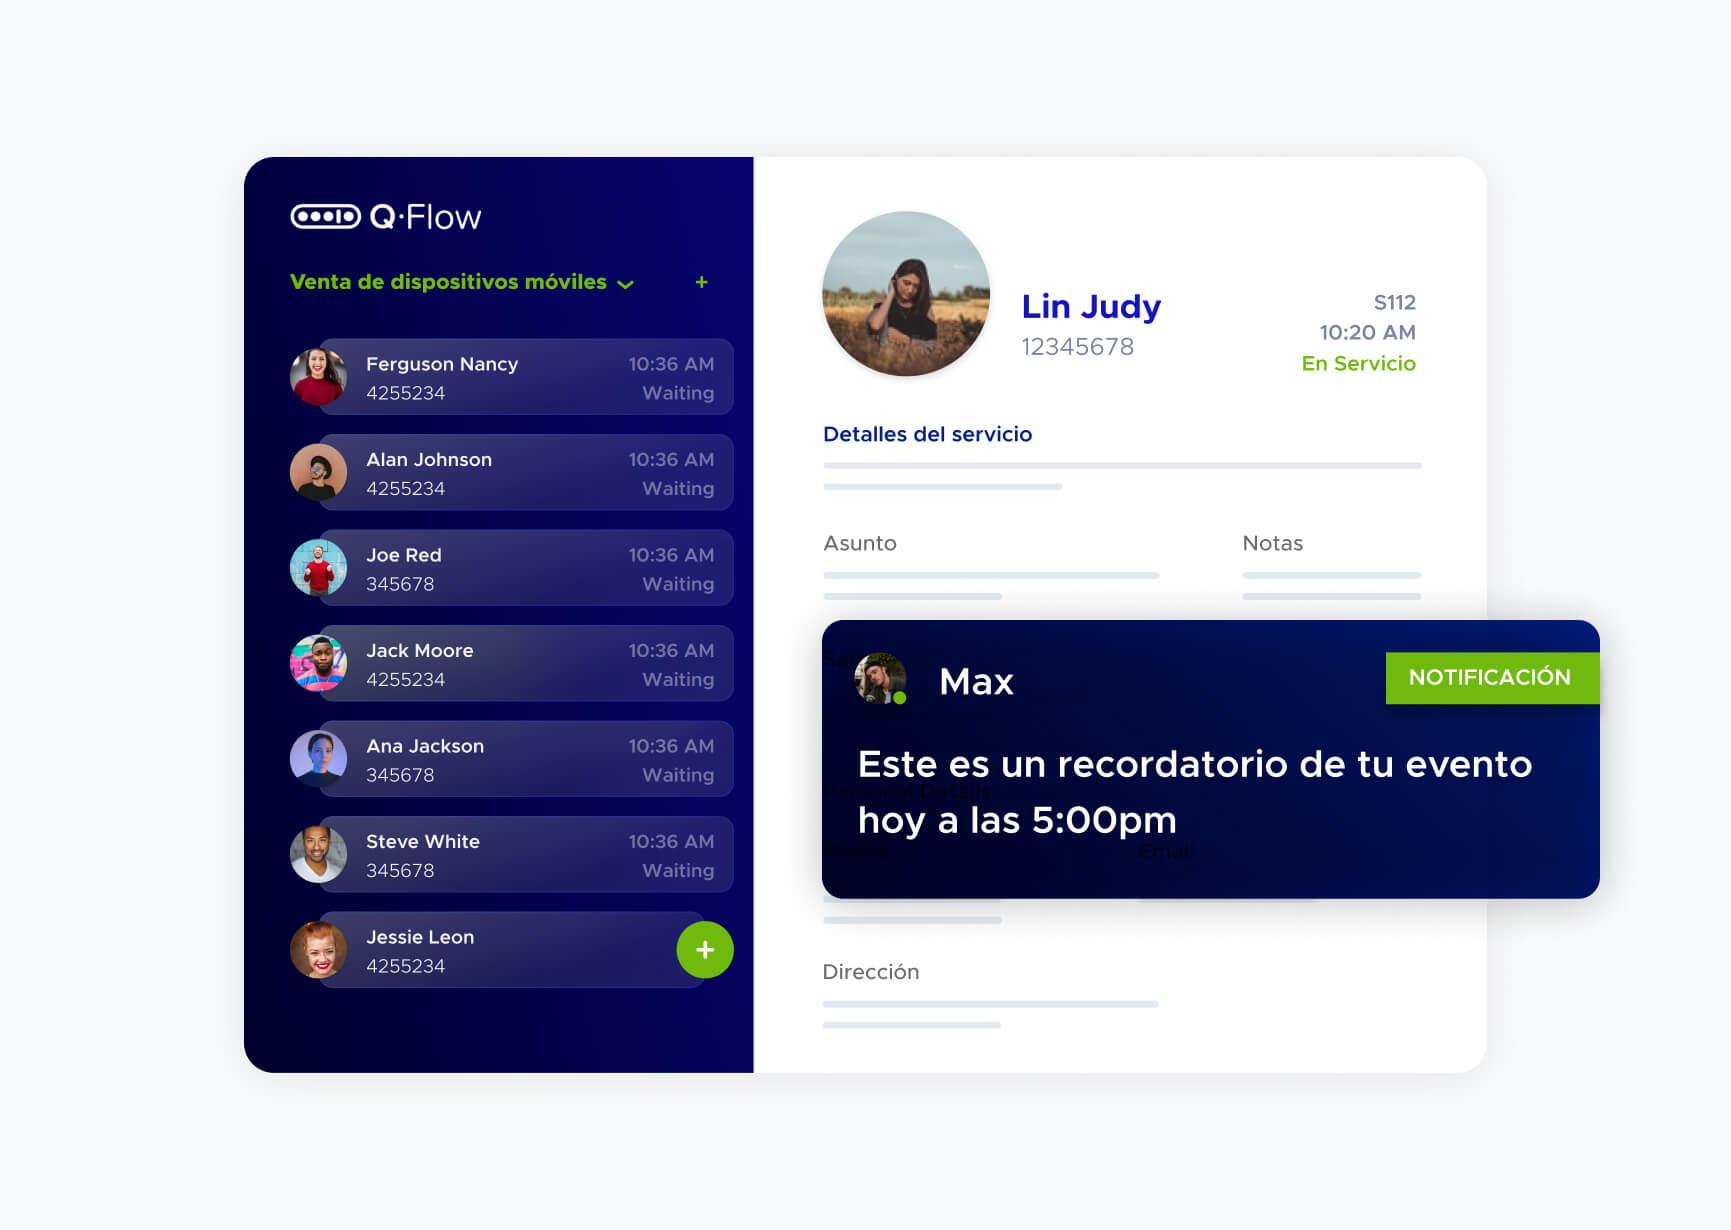 Simulación de notificación a Max en la plataforma Q-Flow